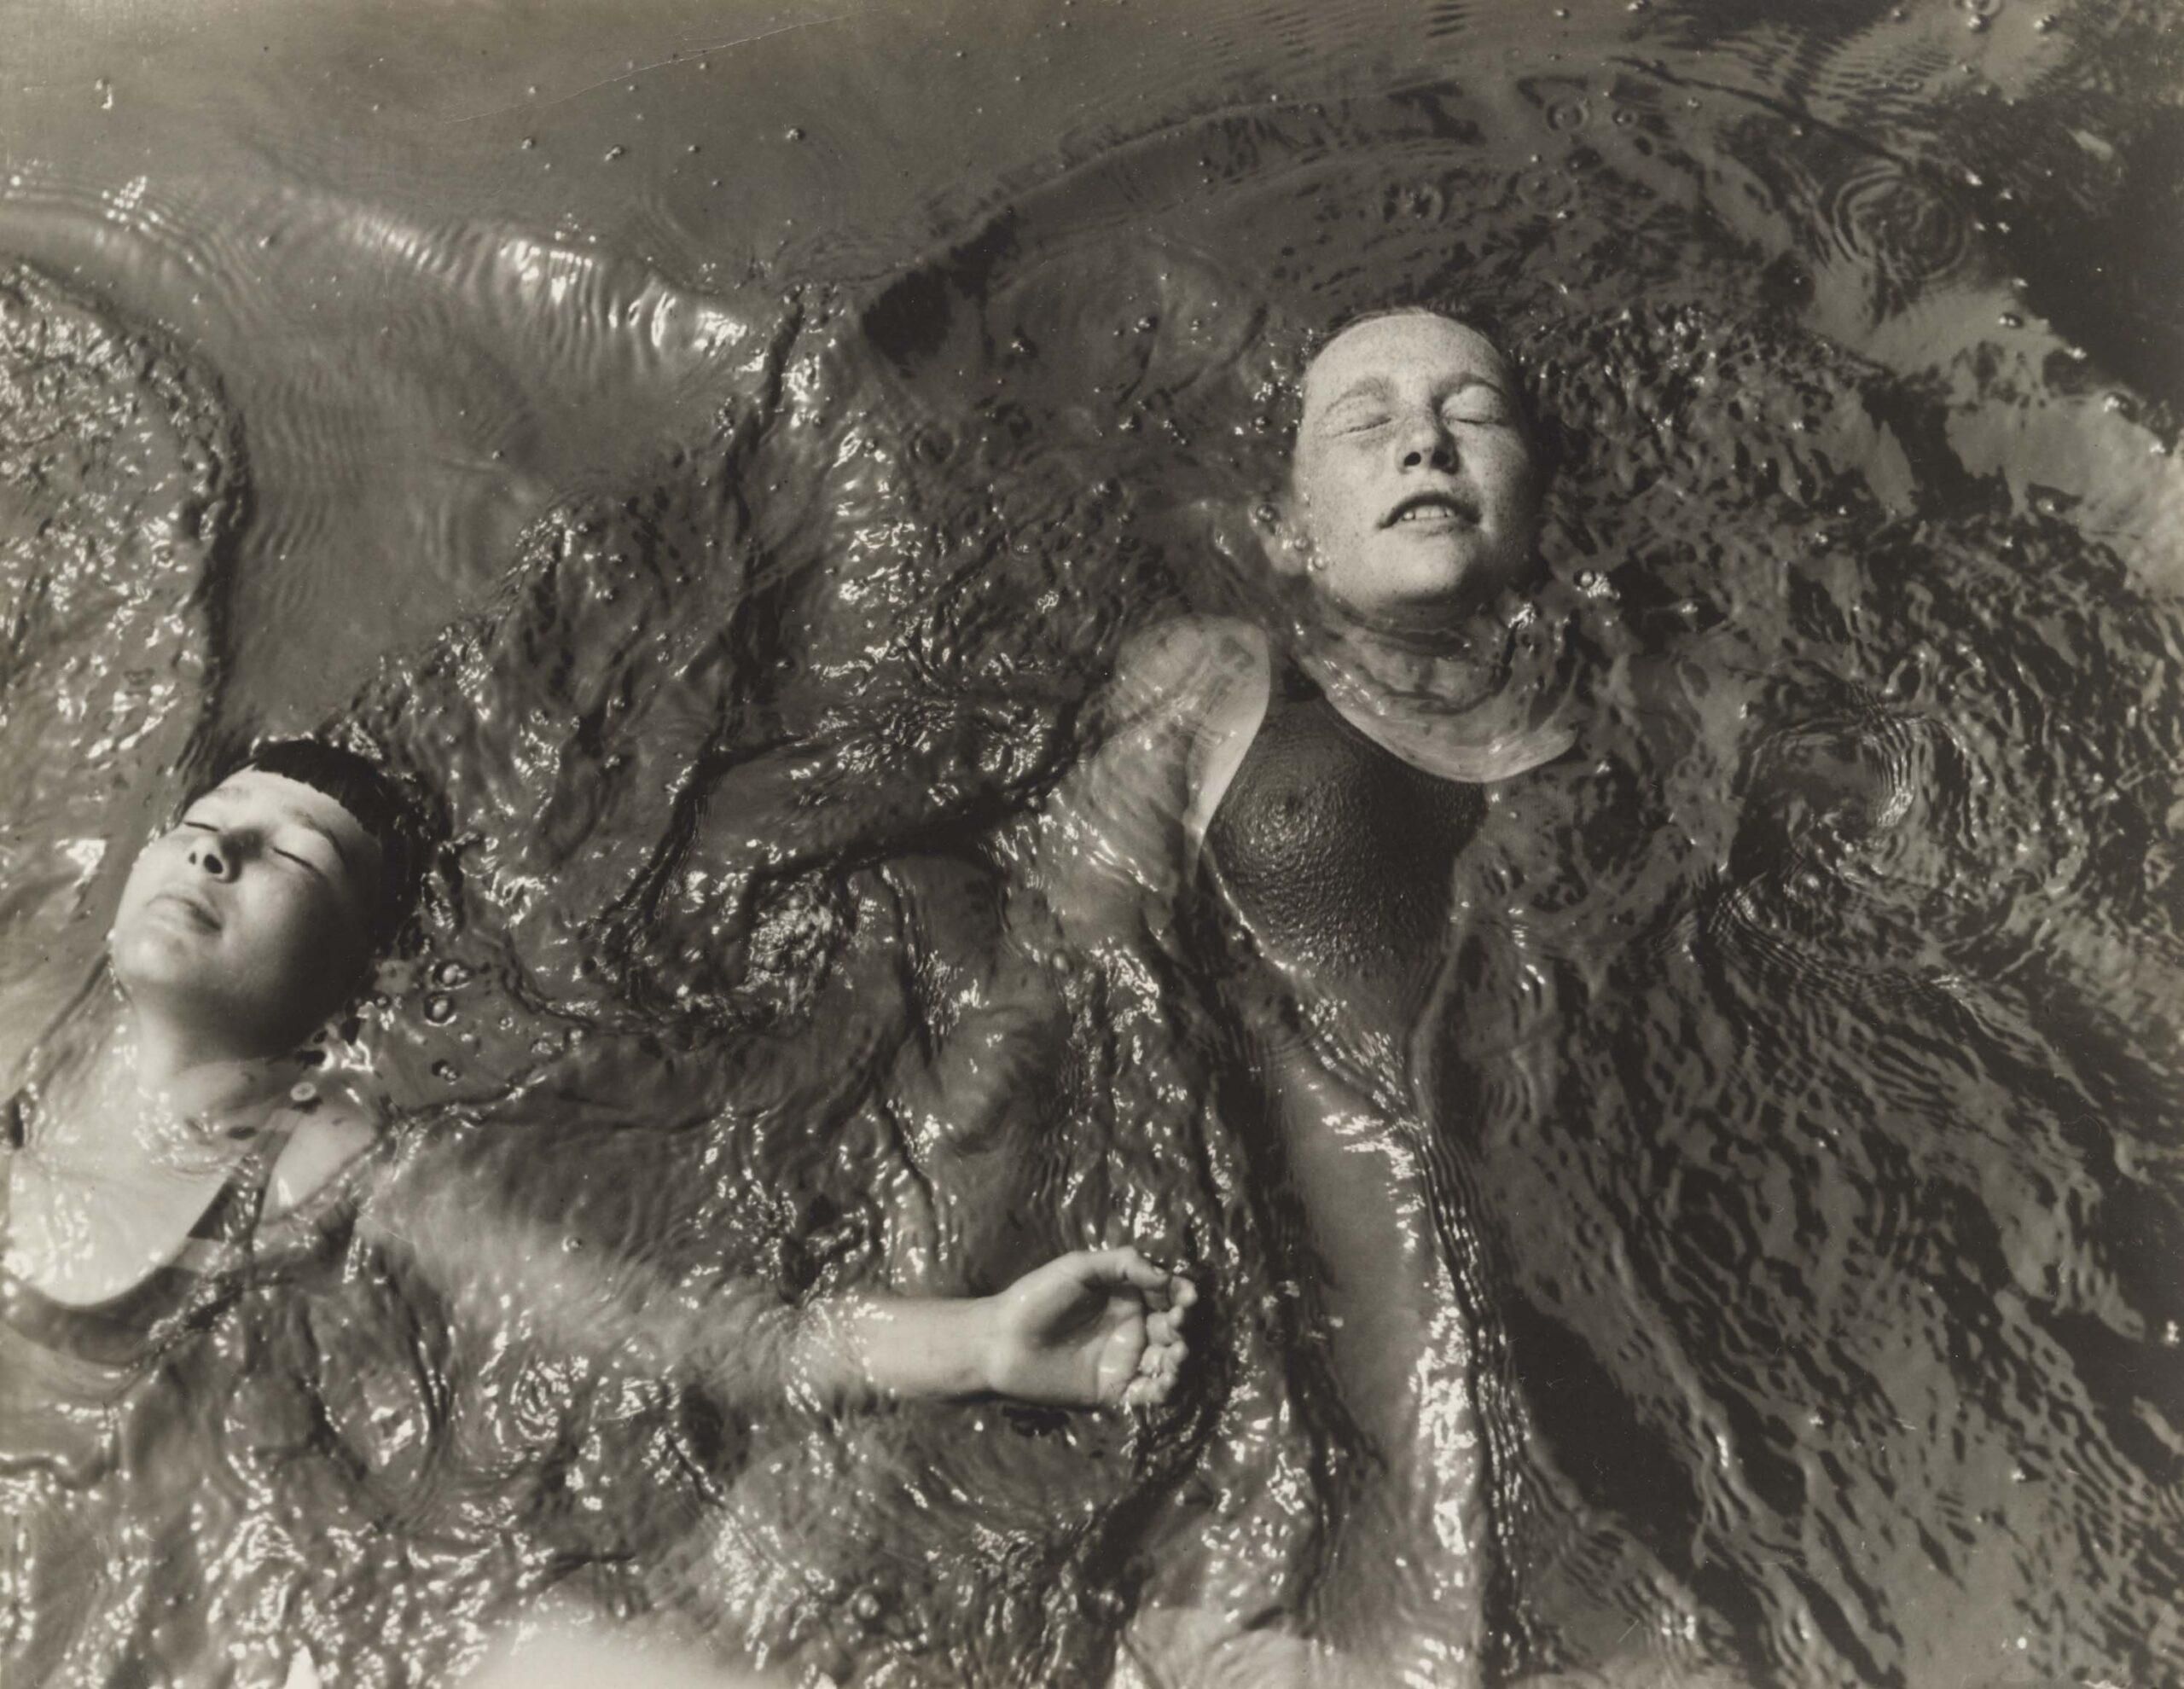 Capolavori di inizio secolo: la collezione Thomas Walther del MoMA sbarca a Lugano